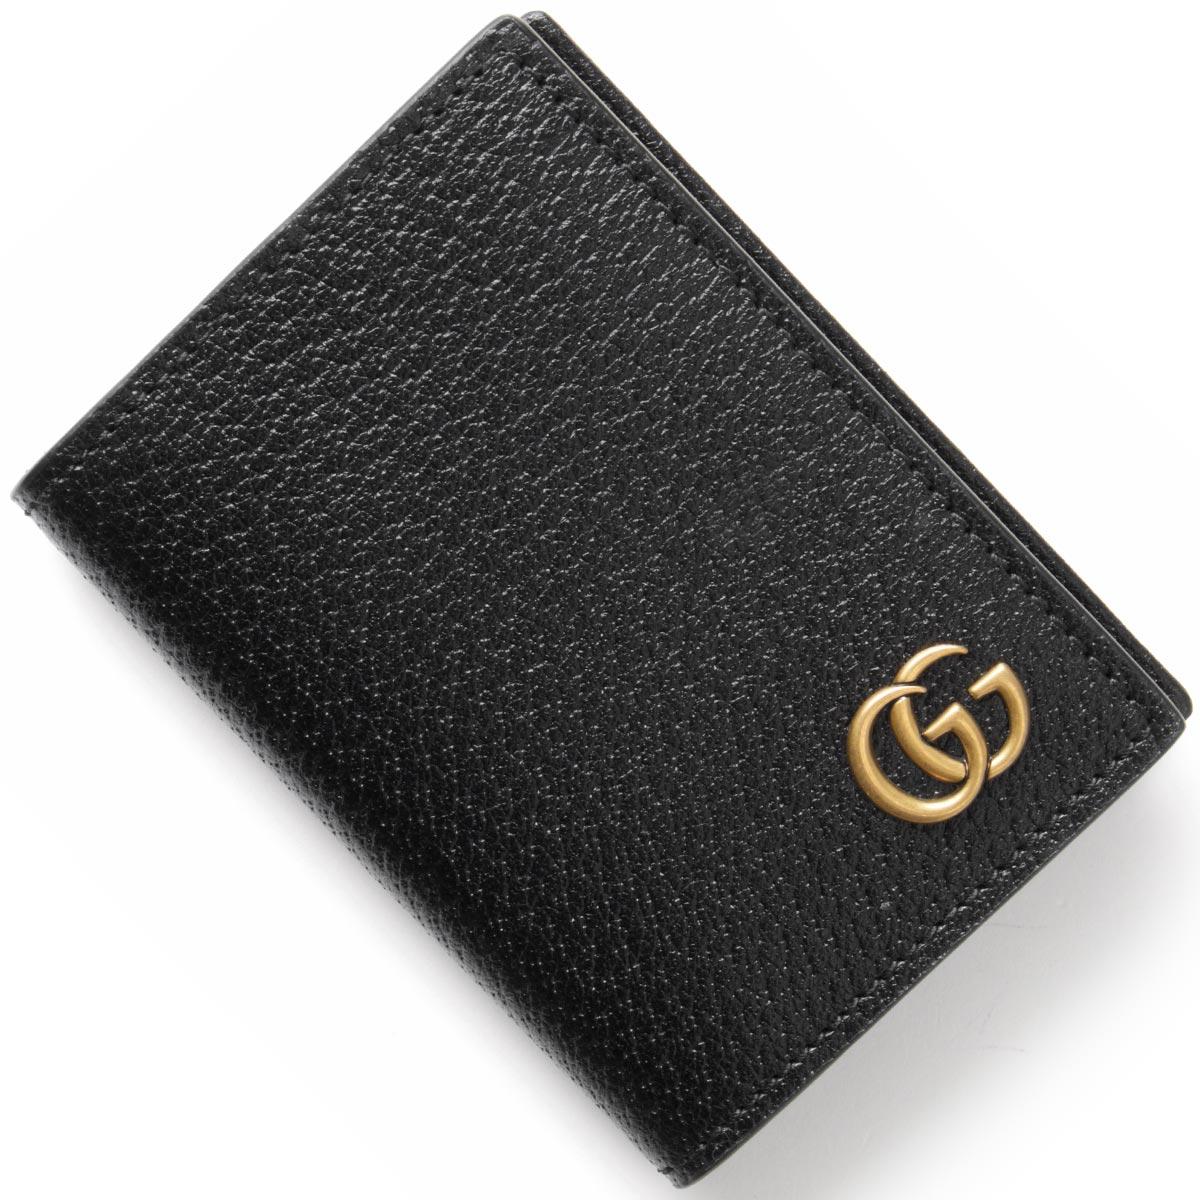 グッチ カードケース メンズ レディース GGマーモント 【MARMONT】 ブラック 428737 DJ20T 1000 GUCCI